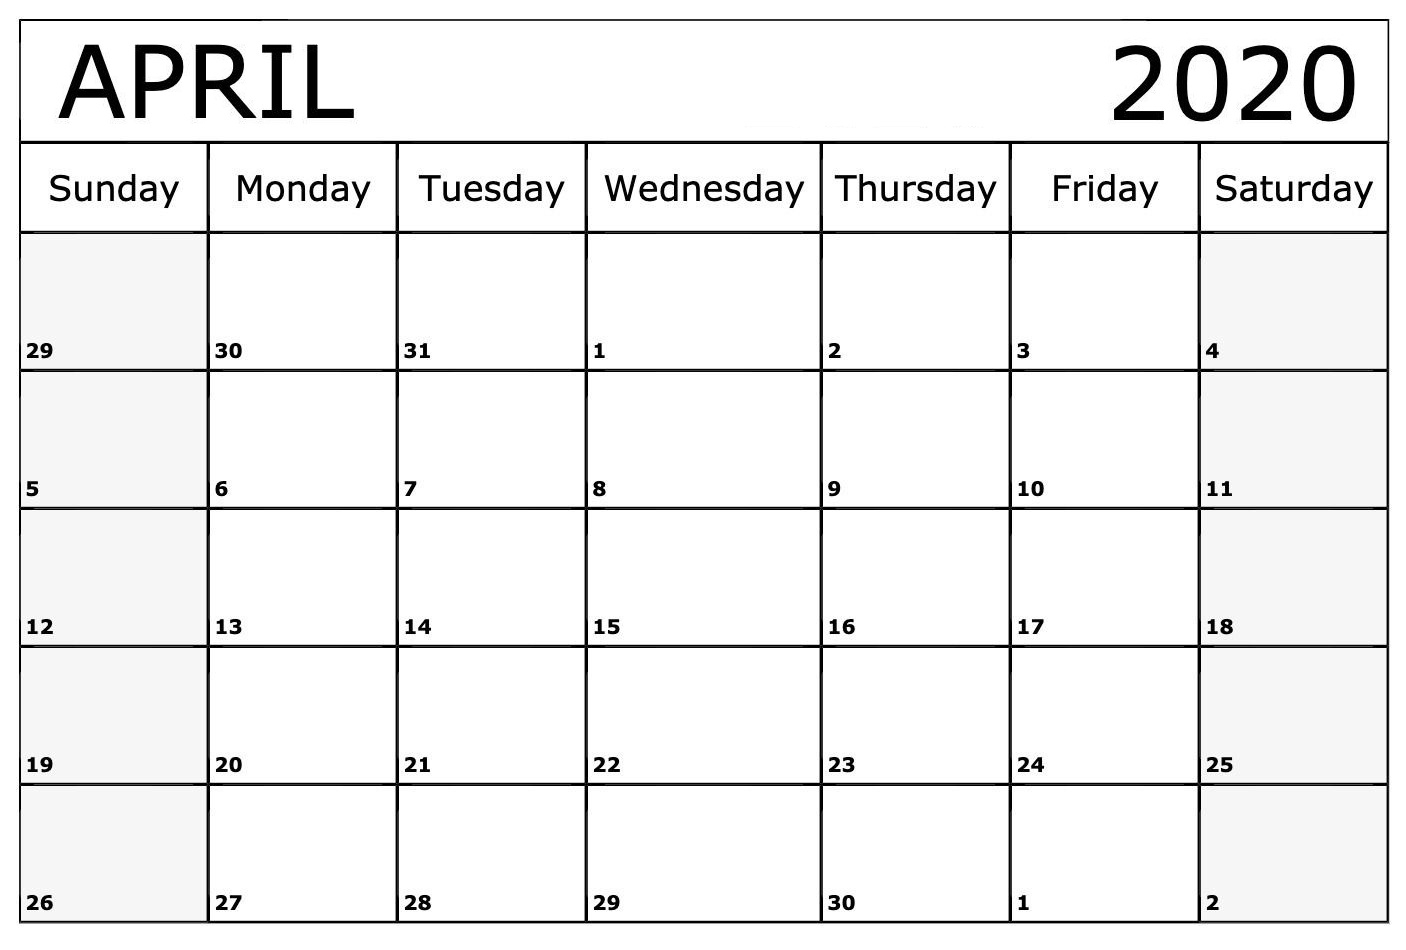 April Calendar 2020 Wallpaper